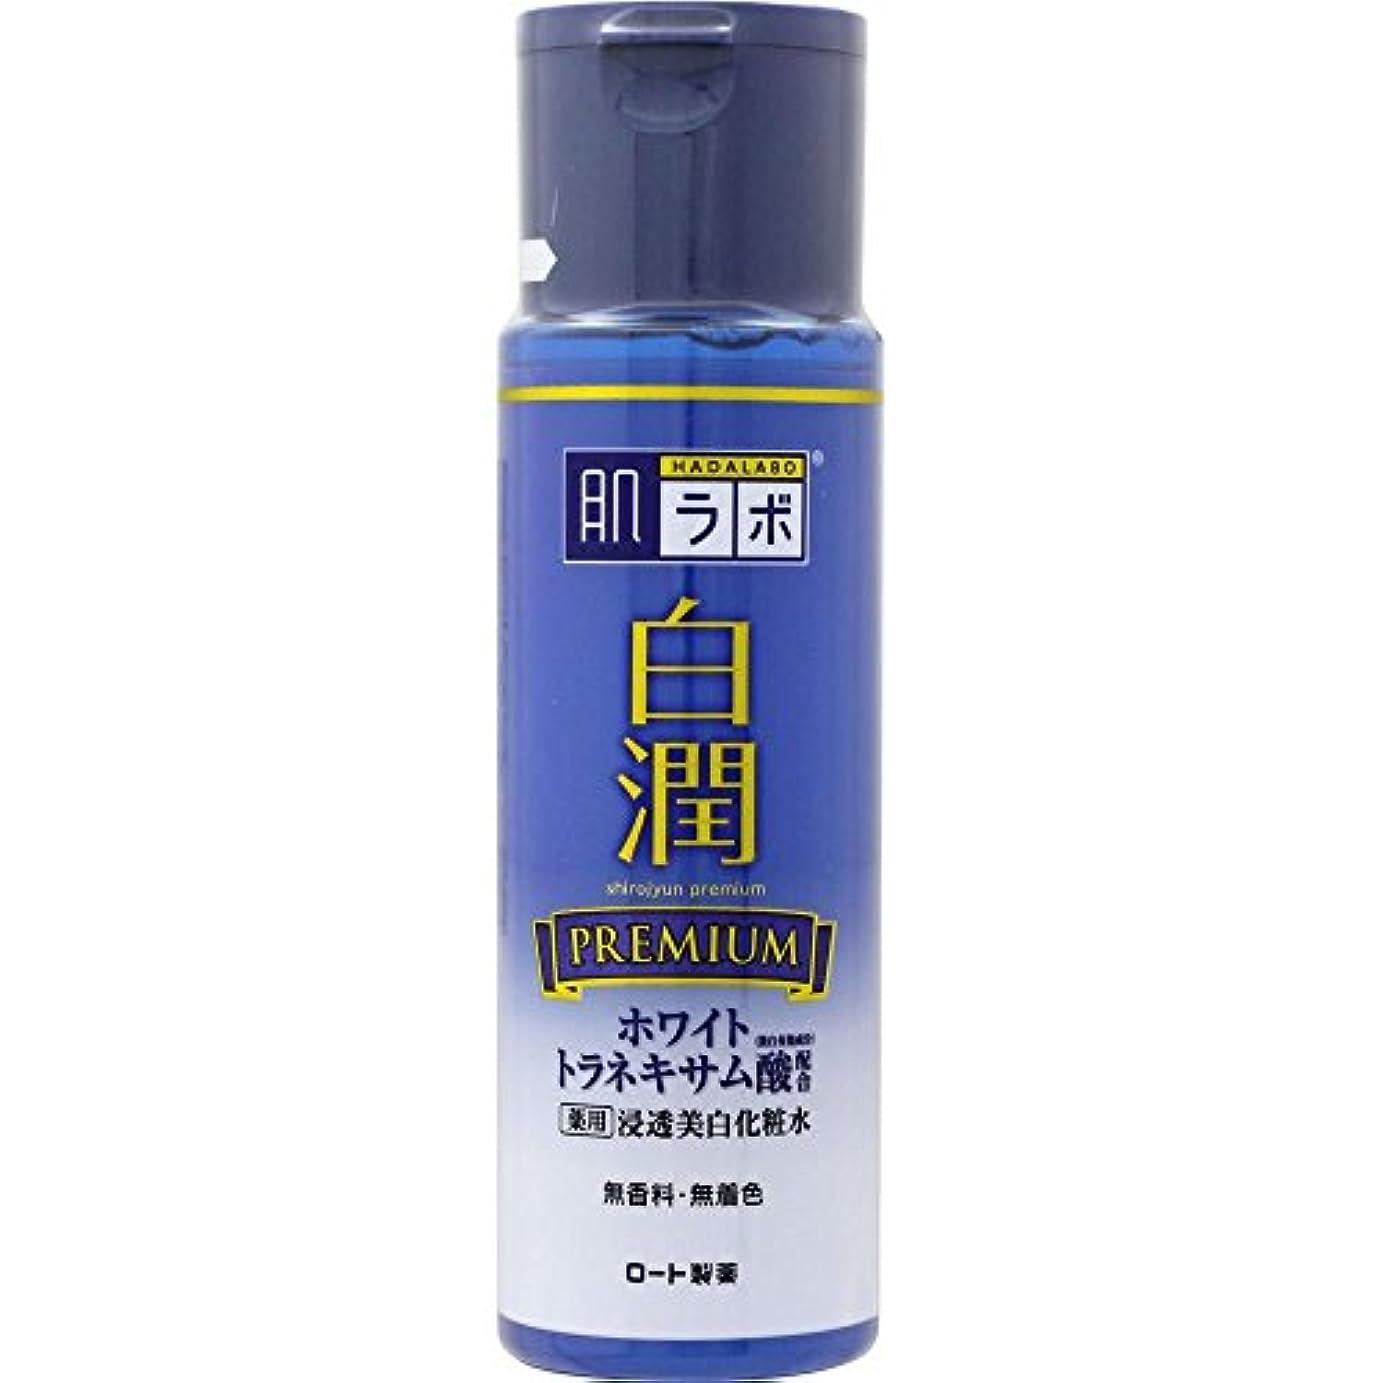 恥ちょうつがいポゴスティックジャンプ肌ラボ 白潤プレミアム 薬用浸透美白化粧水 170mL (医薬部外品)